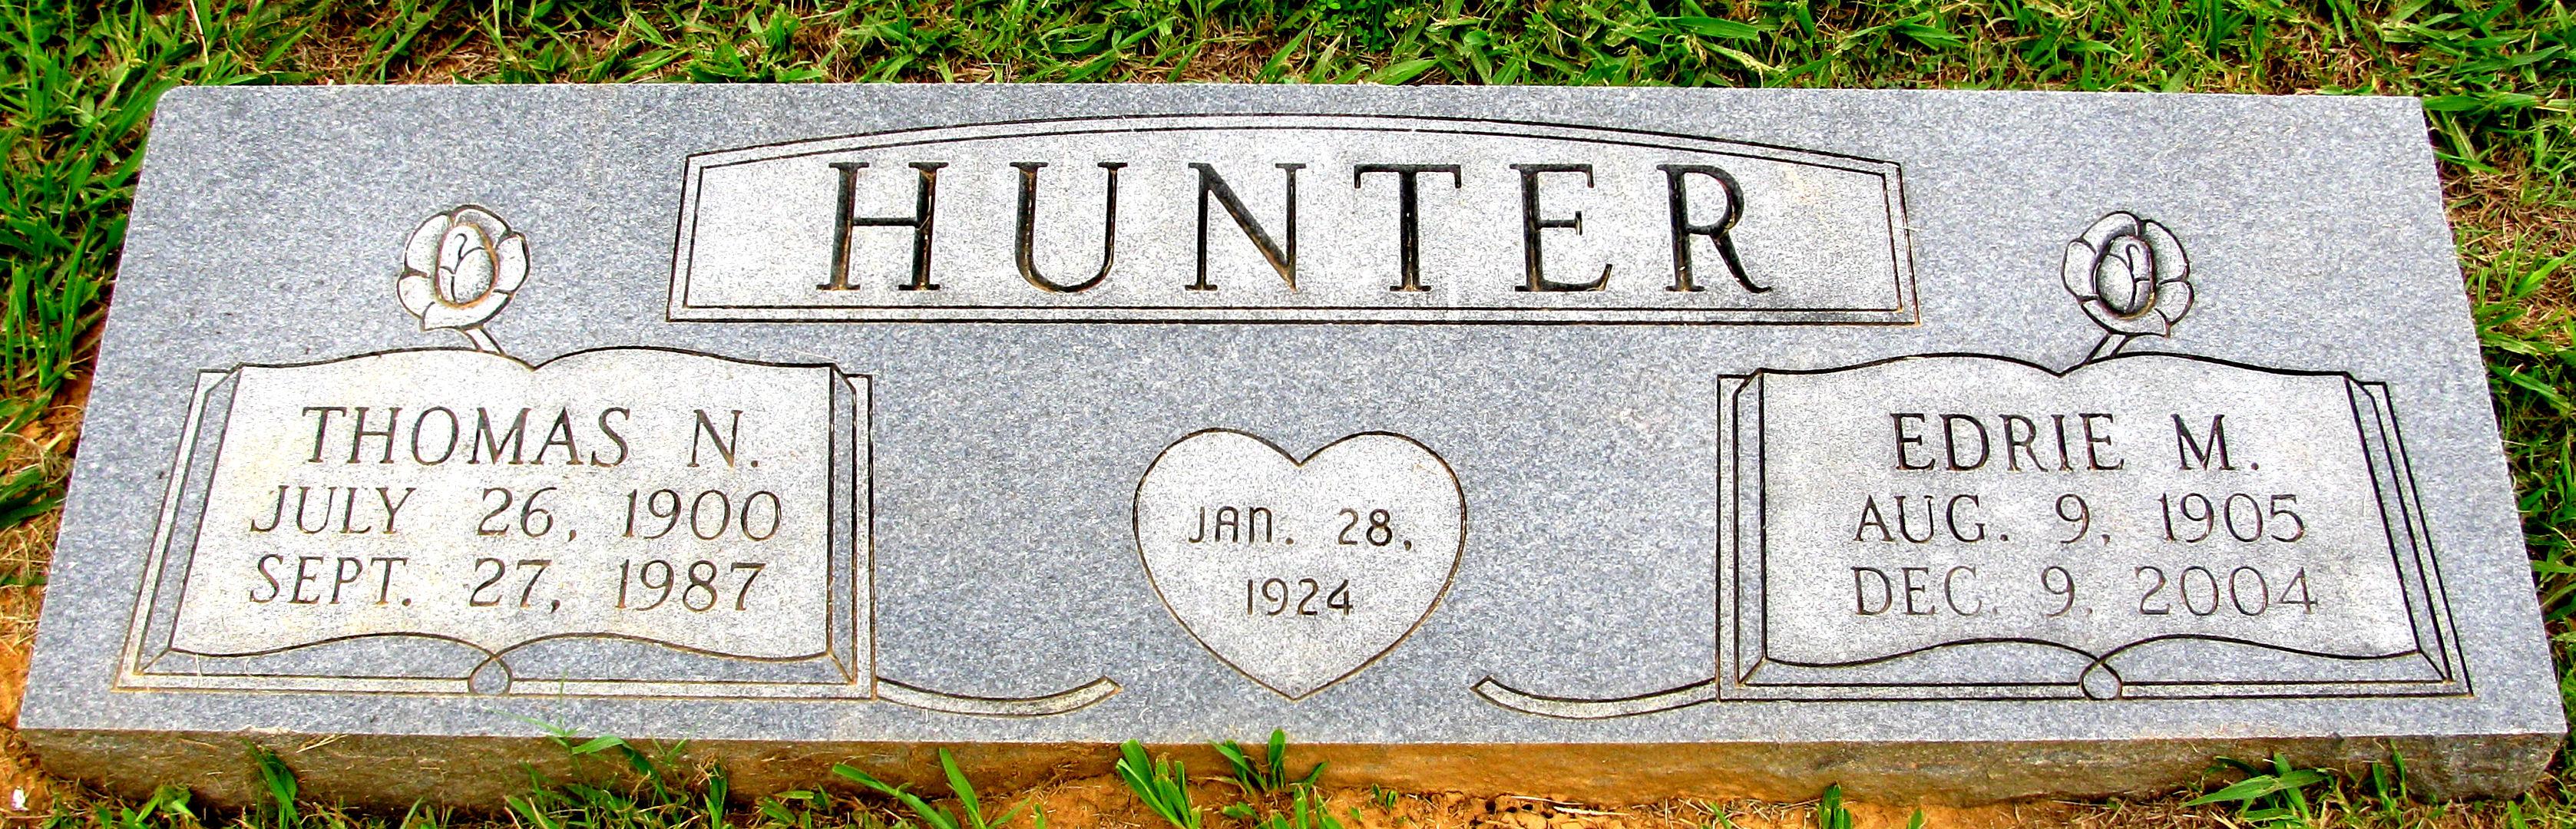 Thomas Newton Hunter